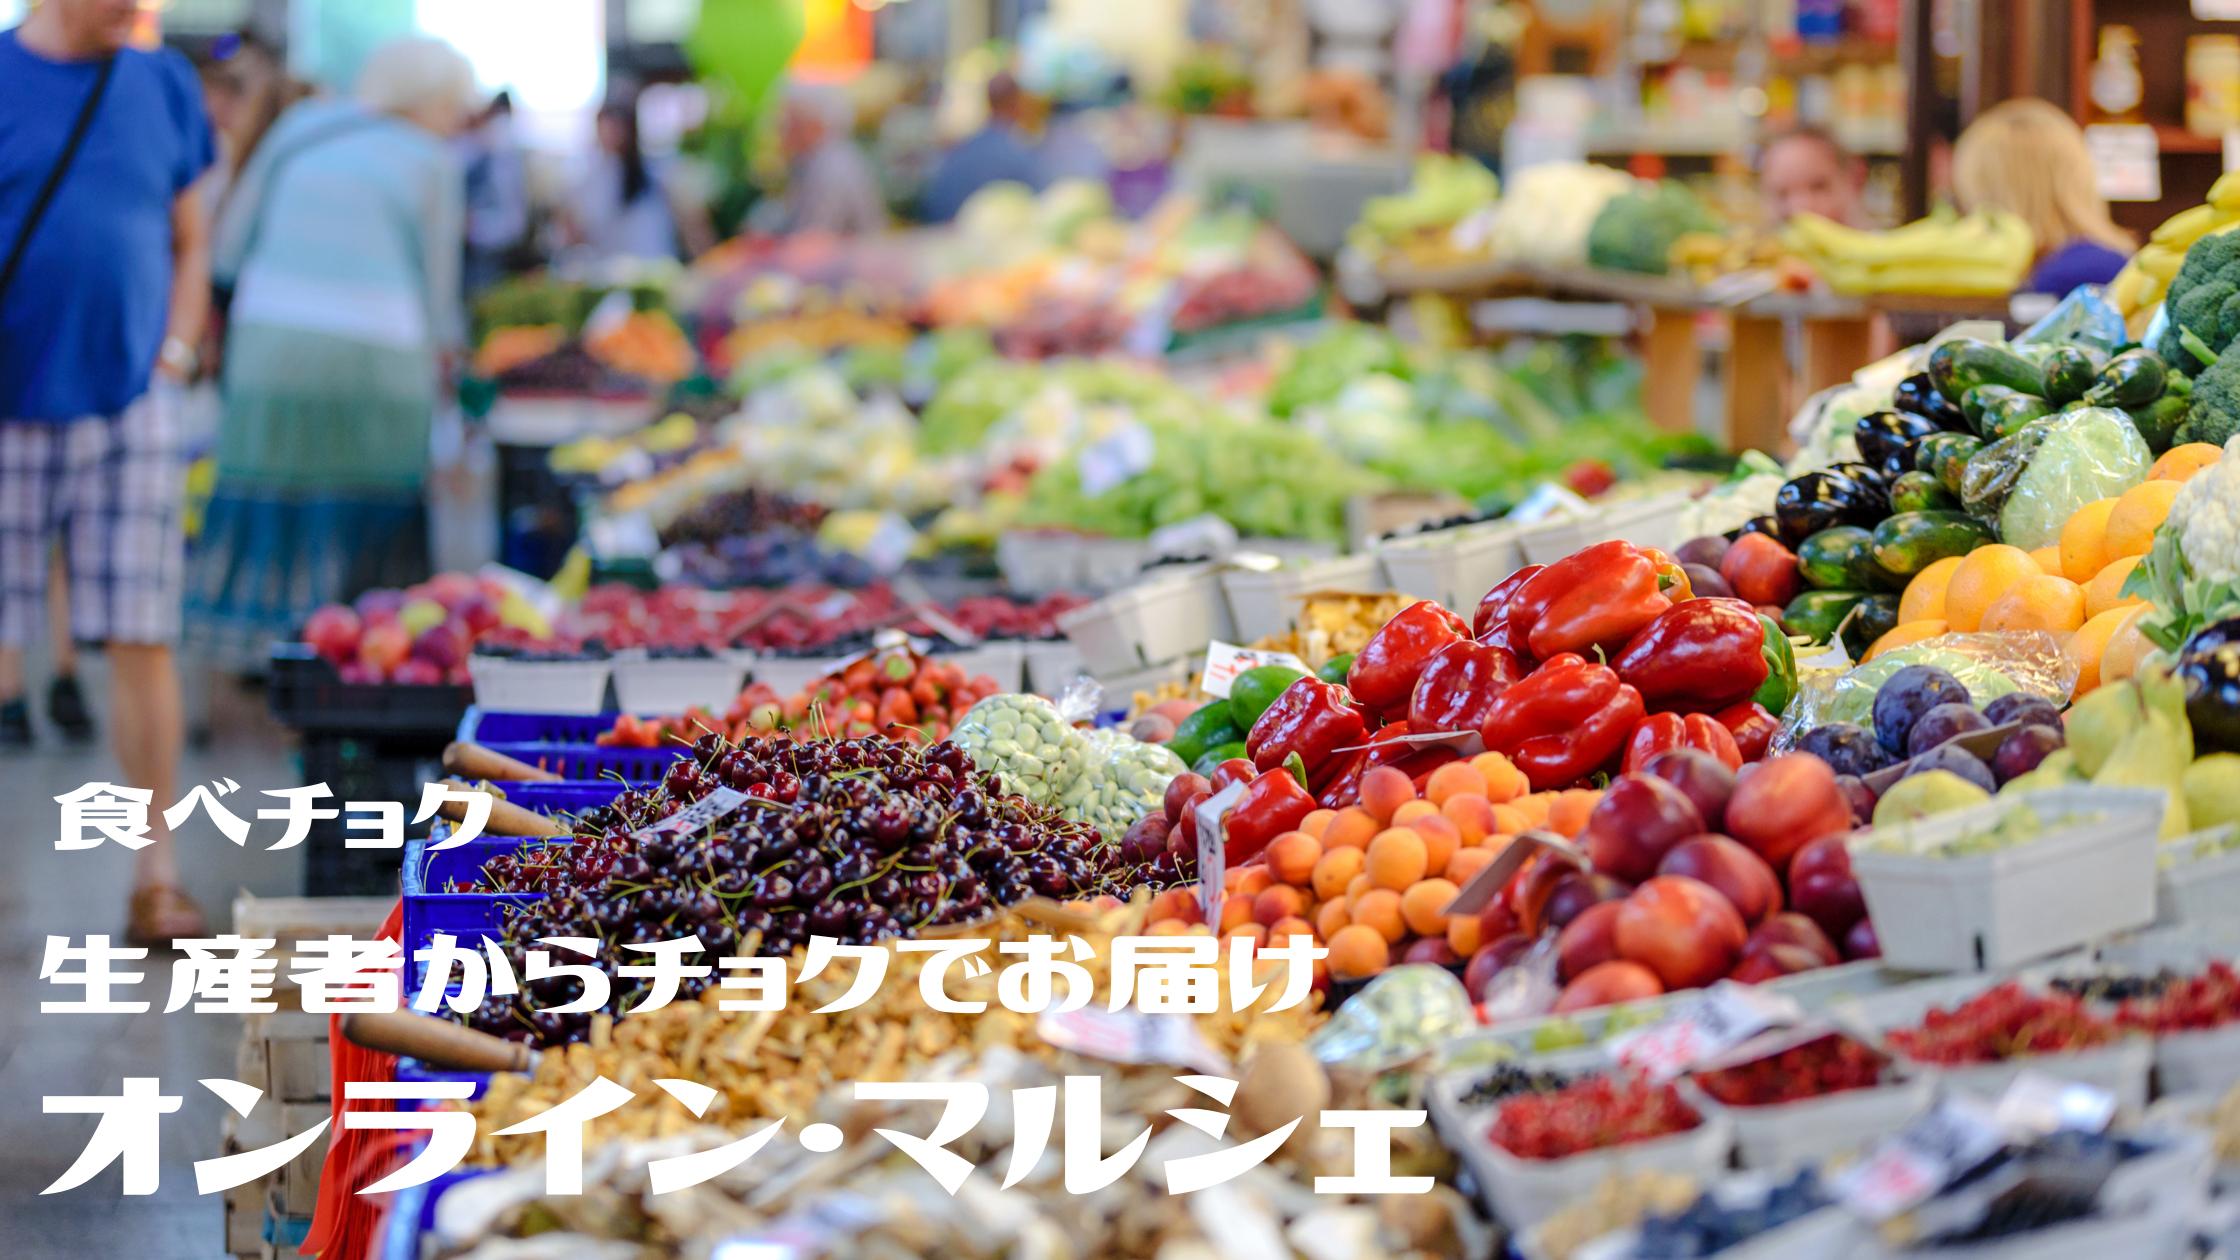 旬の食材をお得にお取り寄せ【食べチョク】新鮮食材 購入サイト